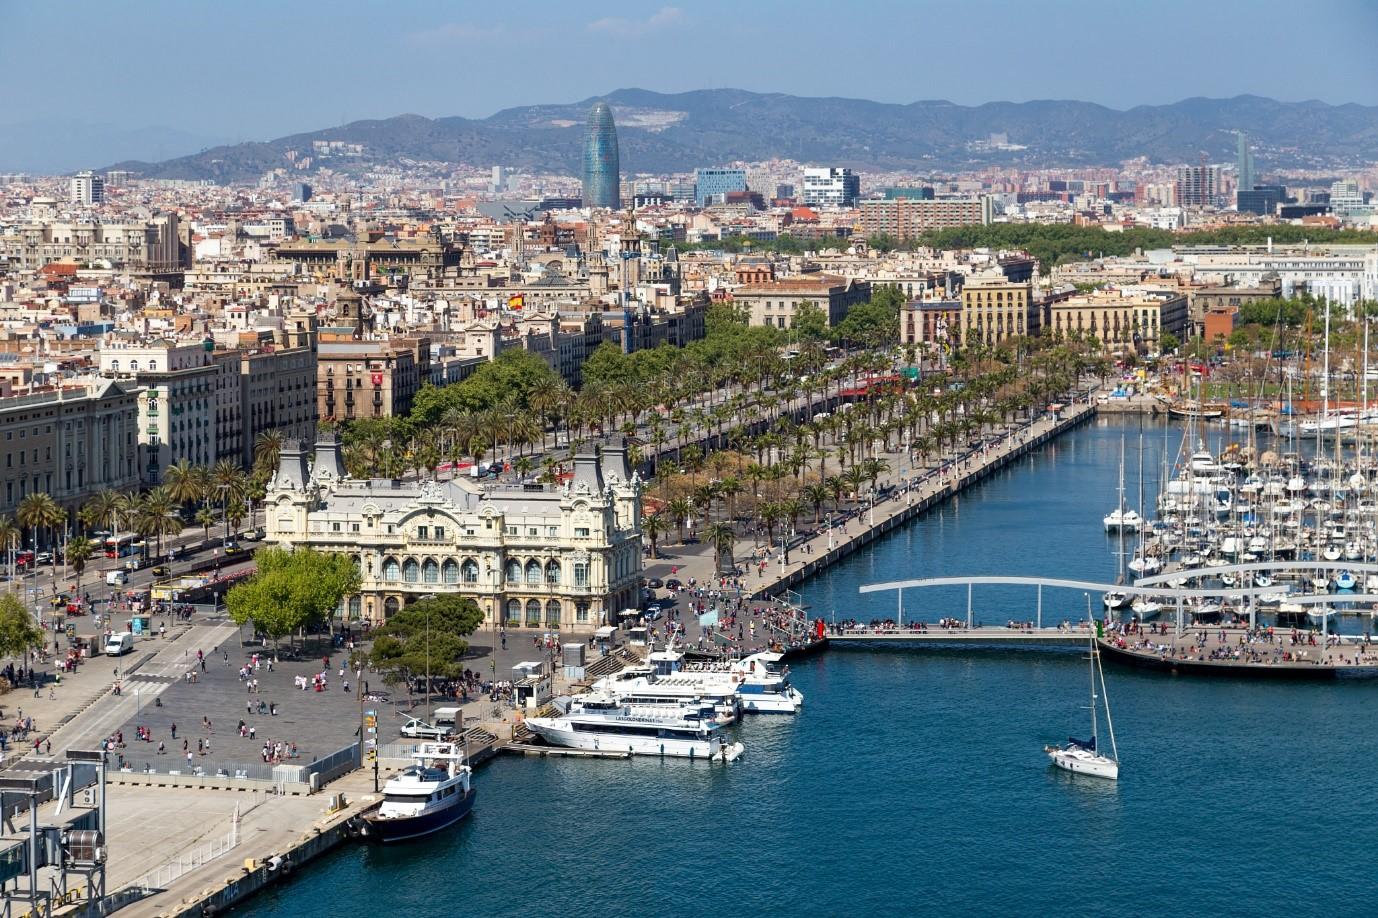 Barcelona là thành phố nổi tiếng của Tây Ban Nha